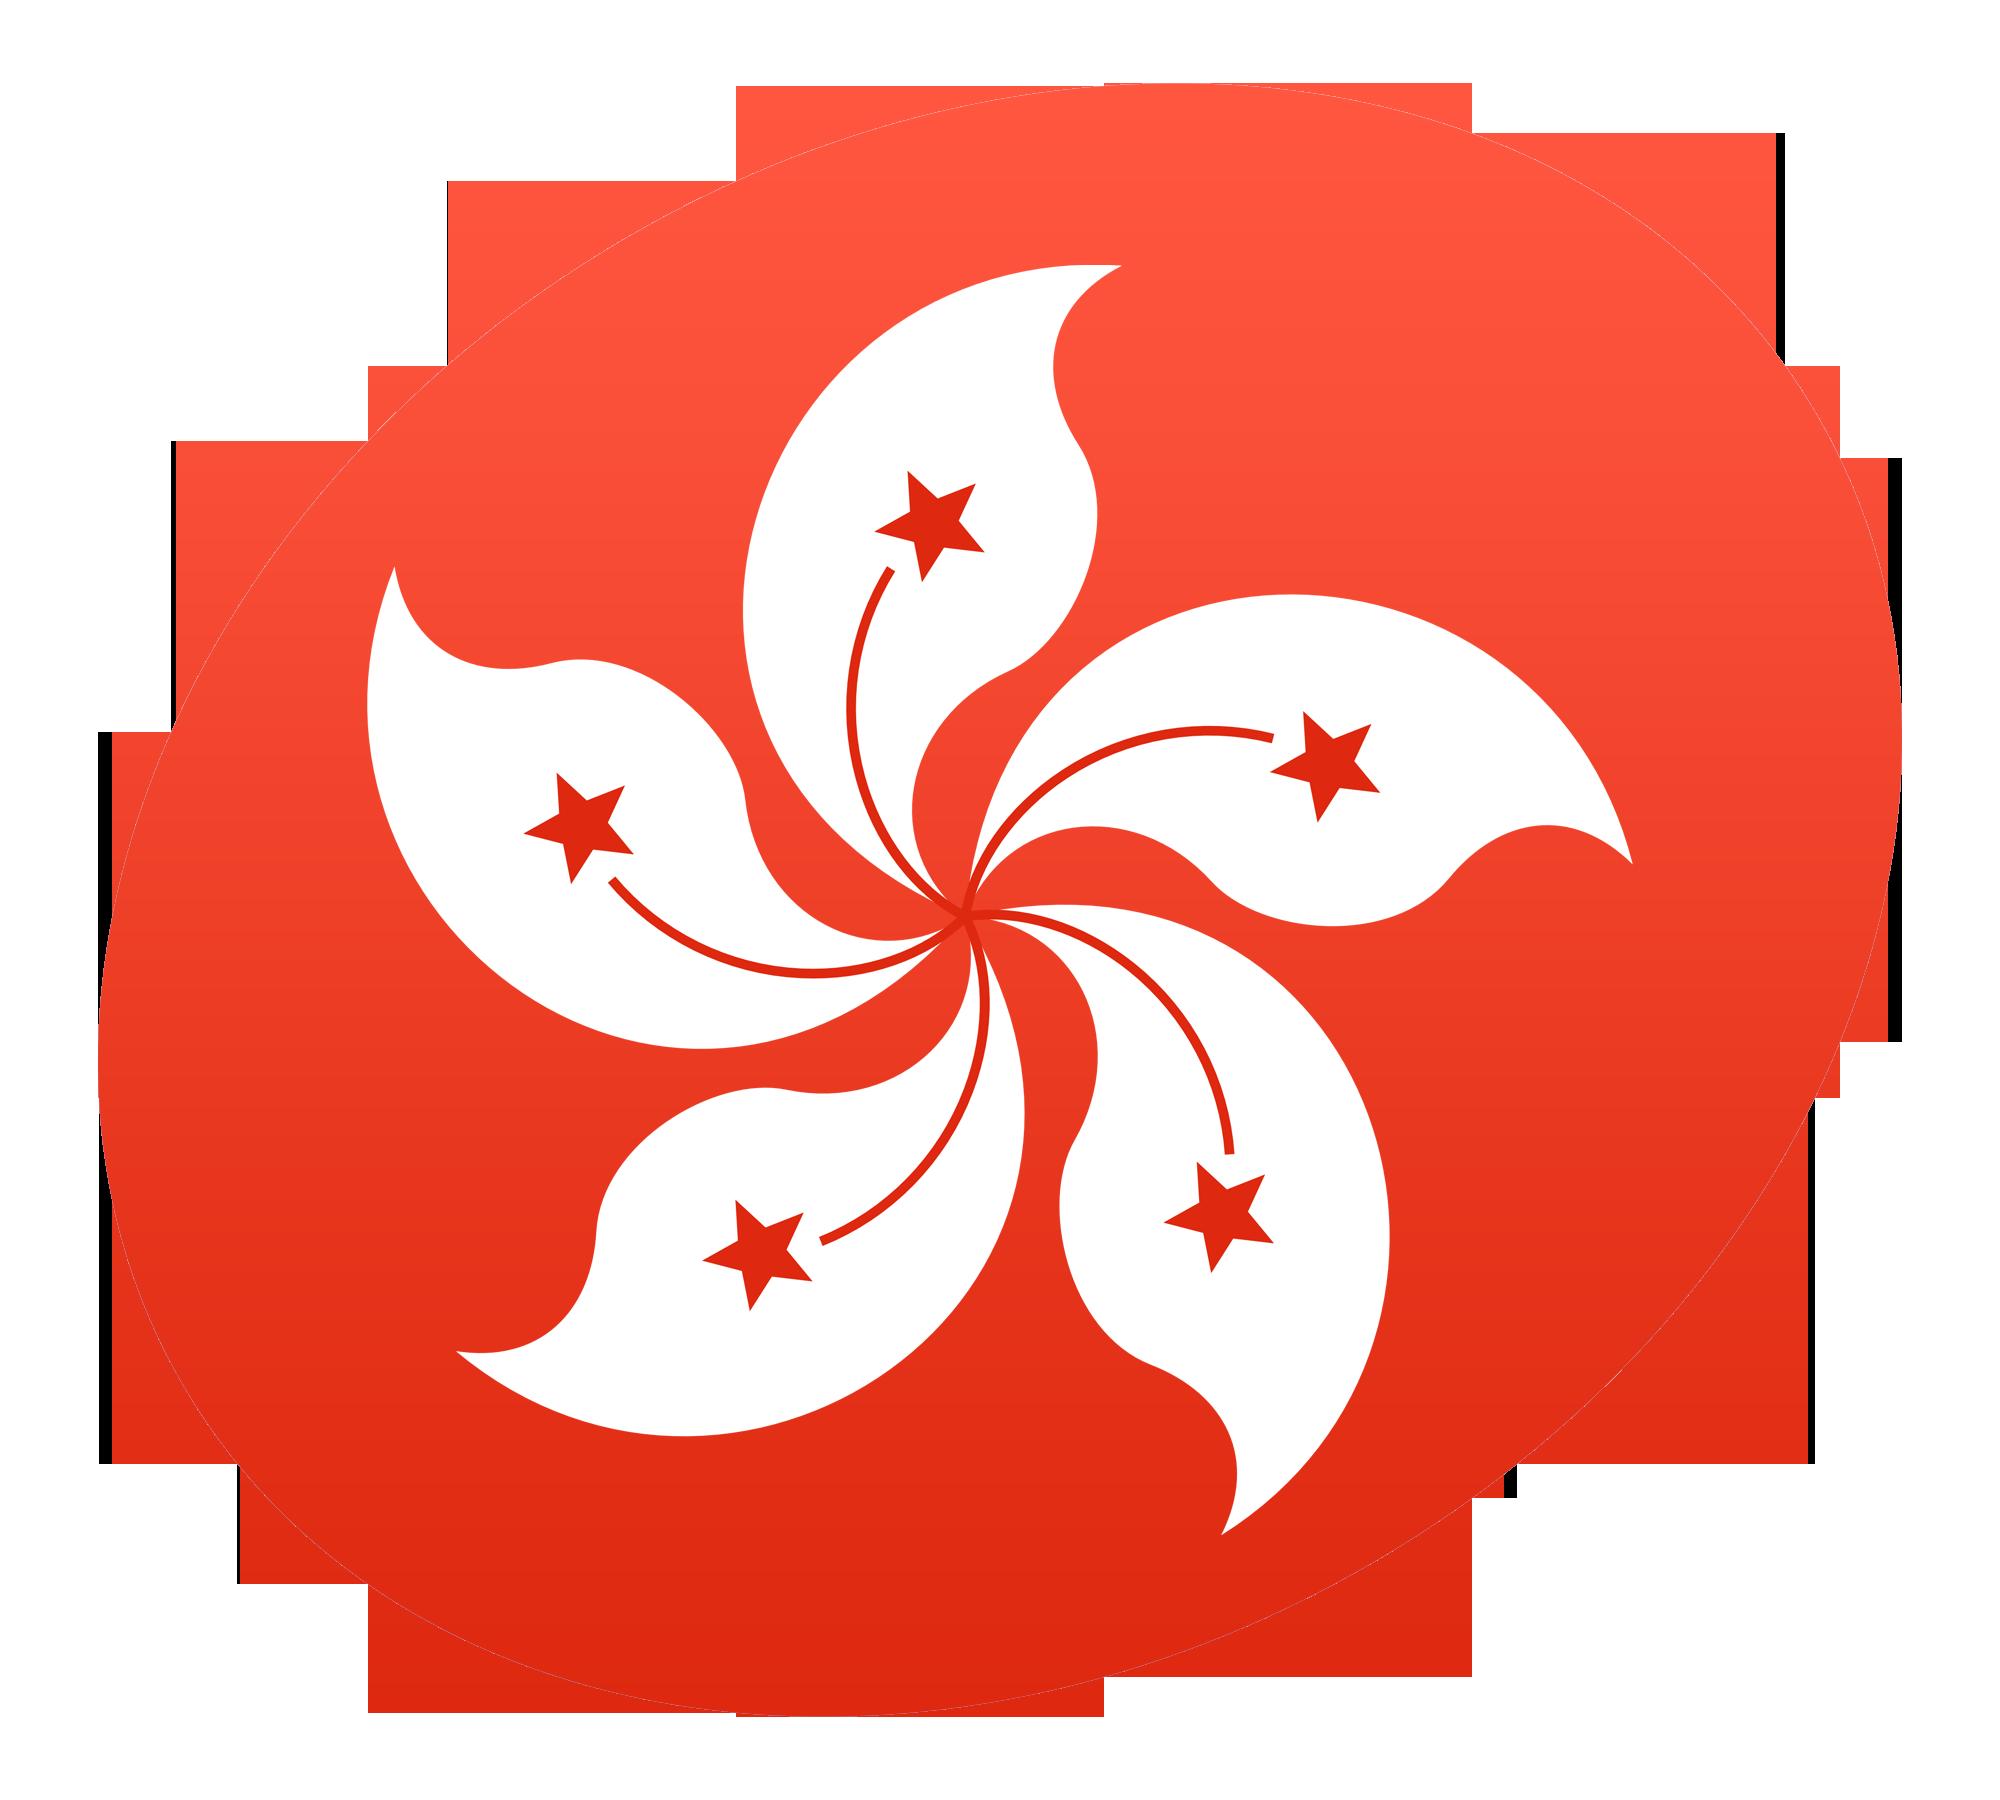 Pin By Cristina Morfe On Idea Design For Sports Hong Kong Flag Hong Kong City Flags